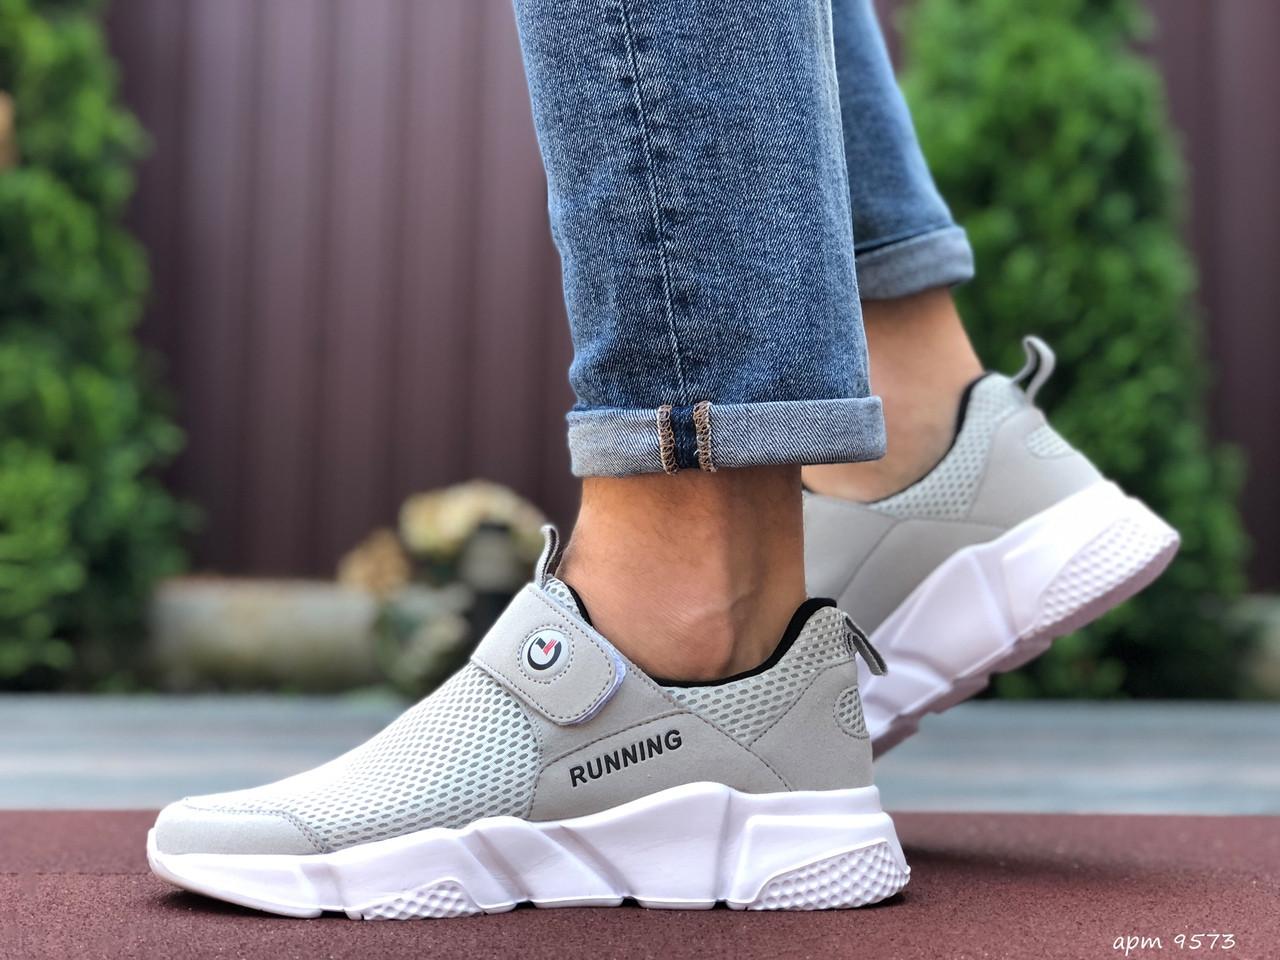 Мужские кроссовки Running (светло-серые с белым) 9573